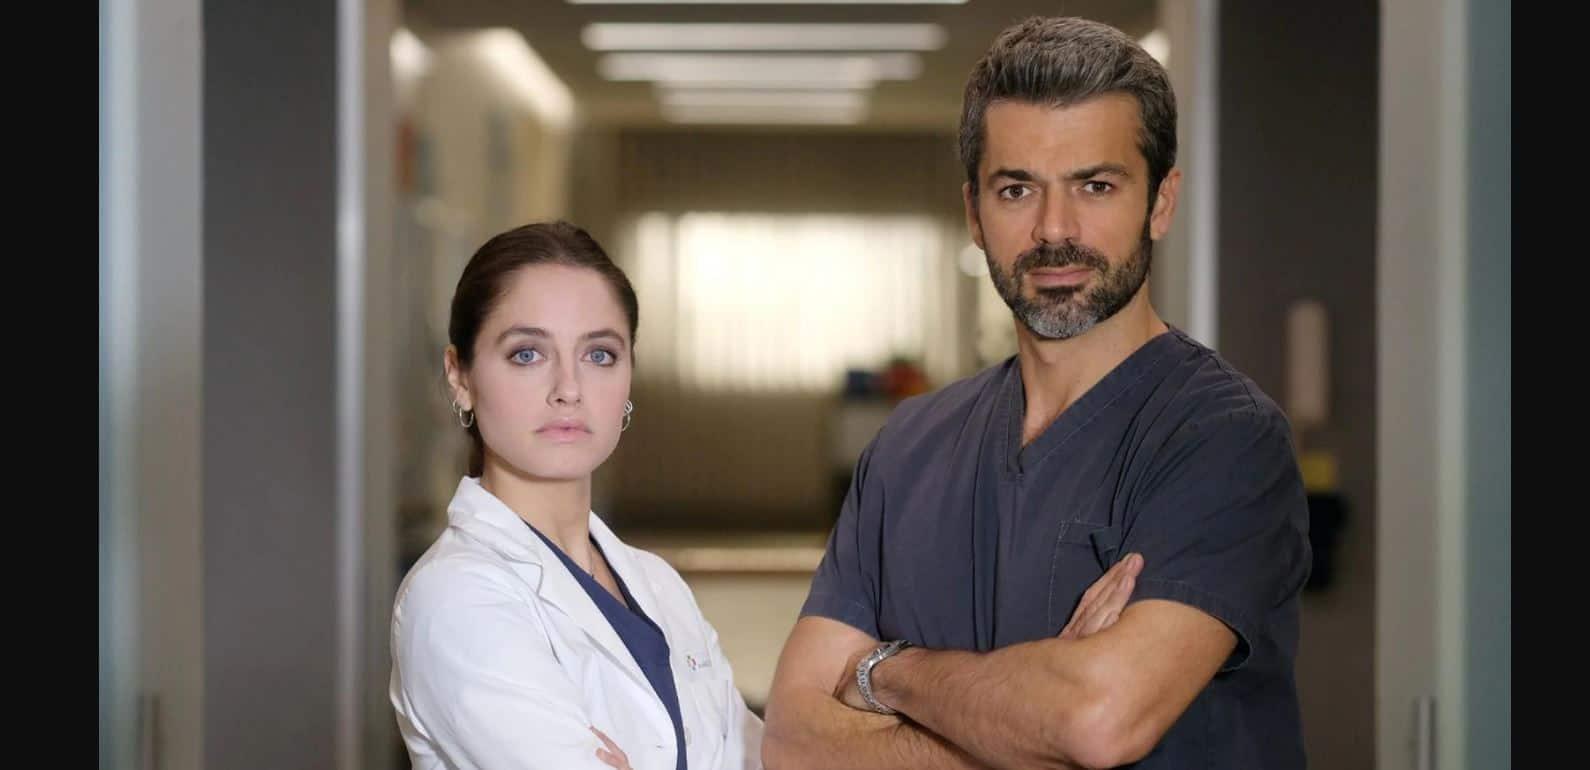 DOC-Nelle tue mani da stasera su Rai 1: tutto quello che c'è da sapere sulla serie